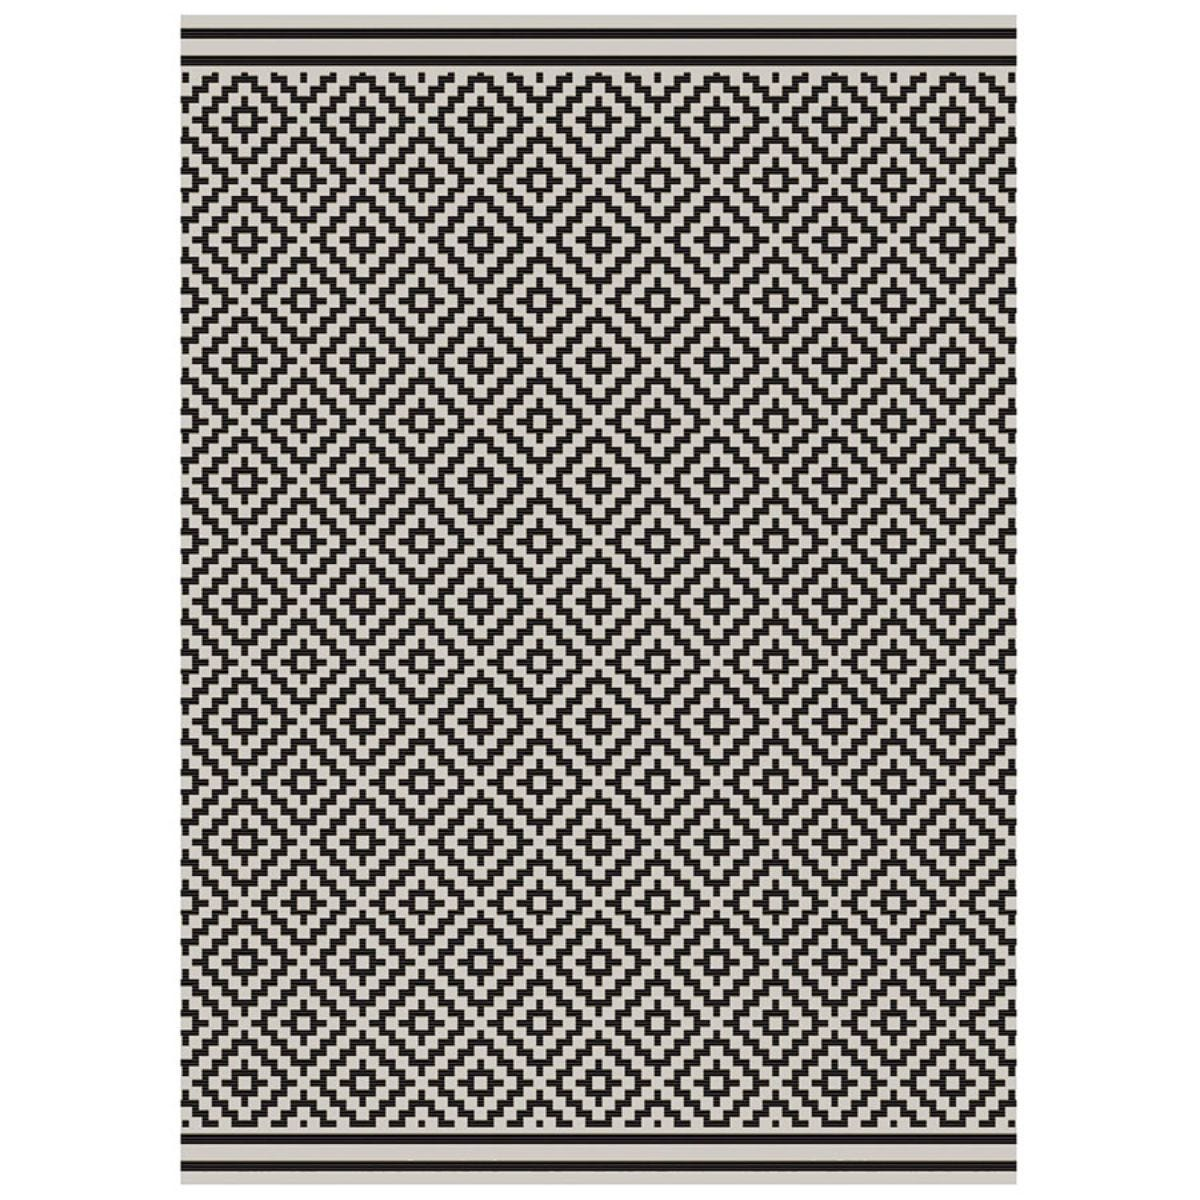 Asiatic Patio Rug, 230 x160cm